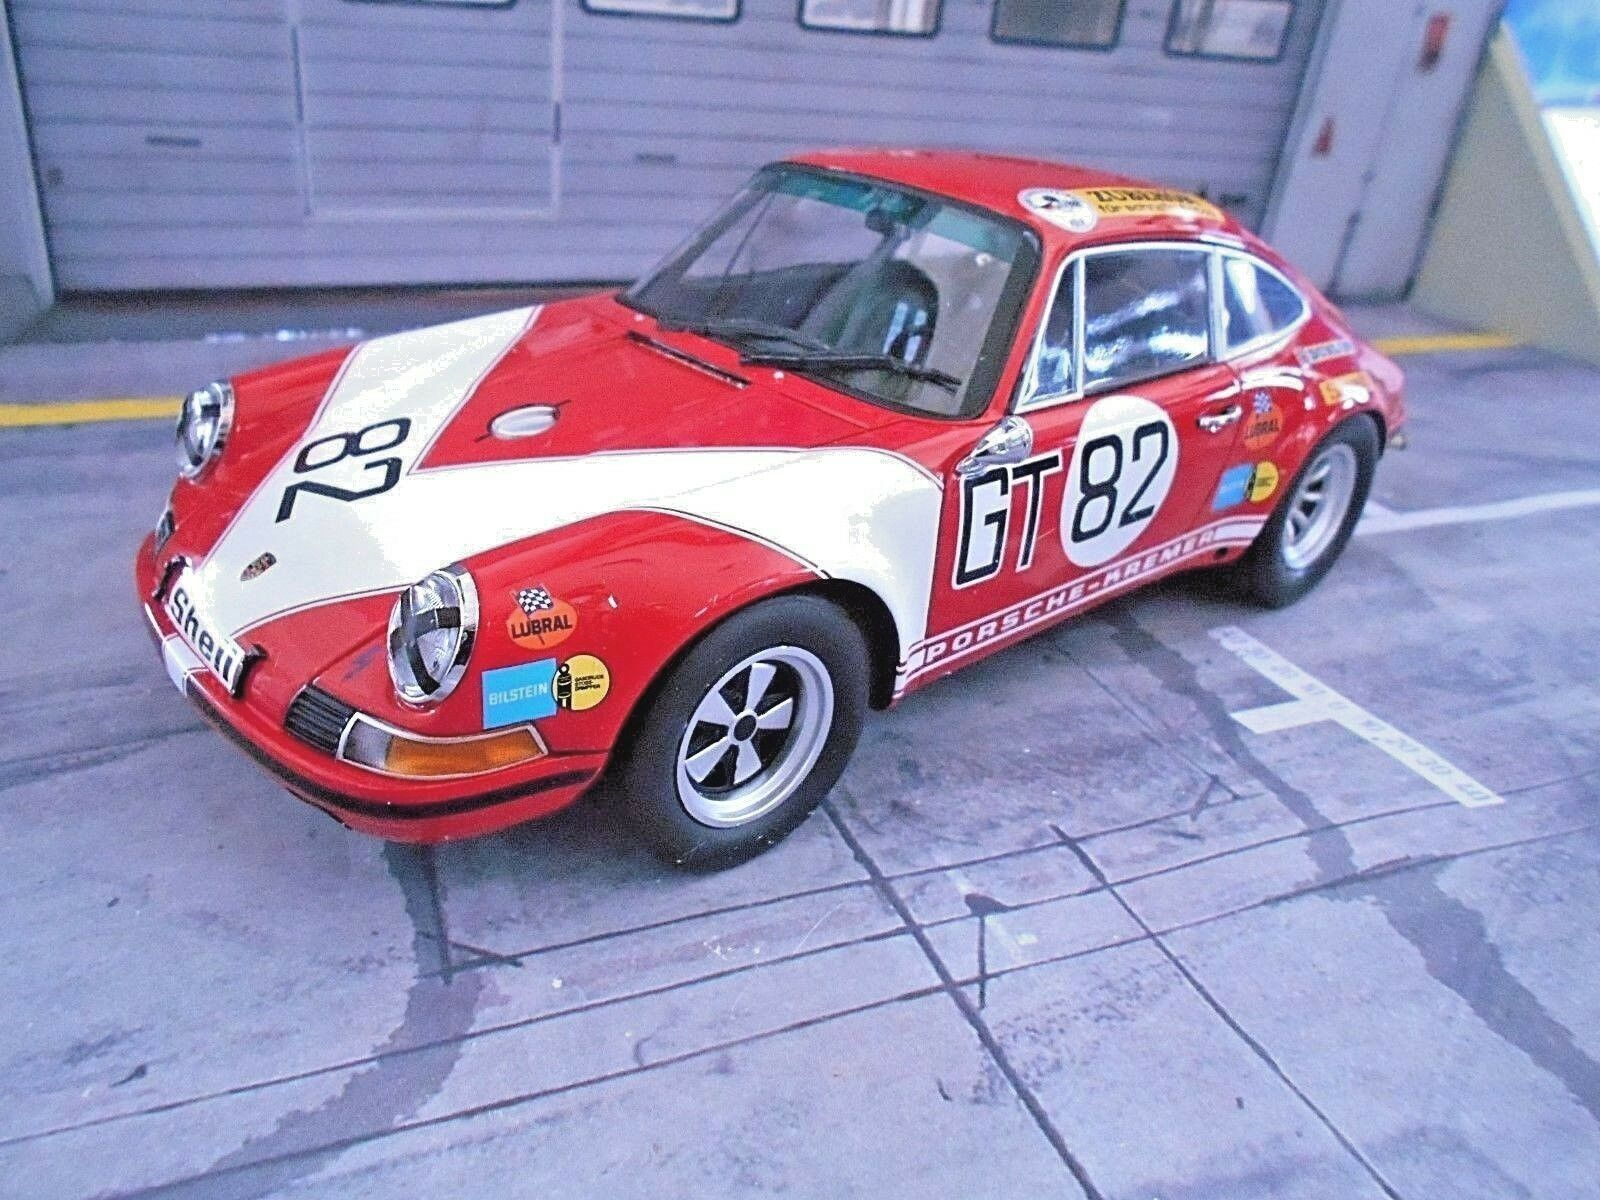 PORSCHE 911 S 1000km Nbrg 1971  82 Kremer Neuhaus CLASS S Minichamps resin 1 18